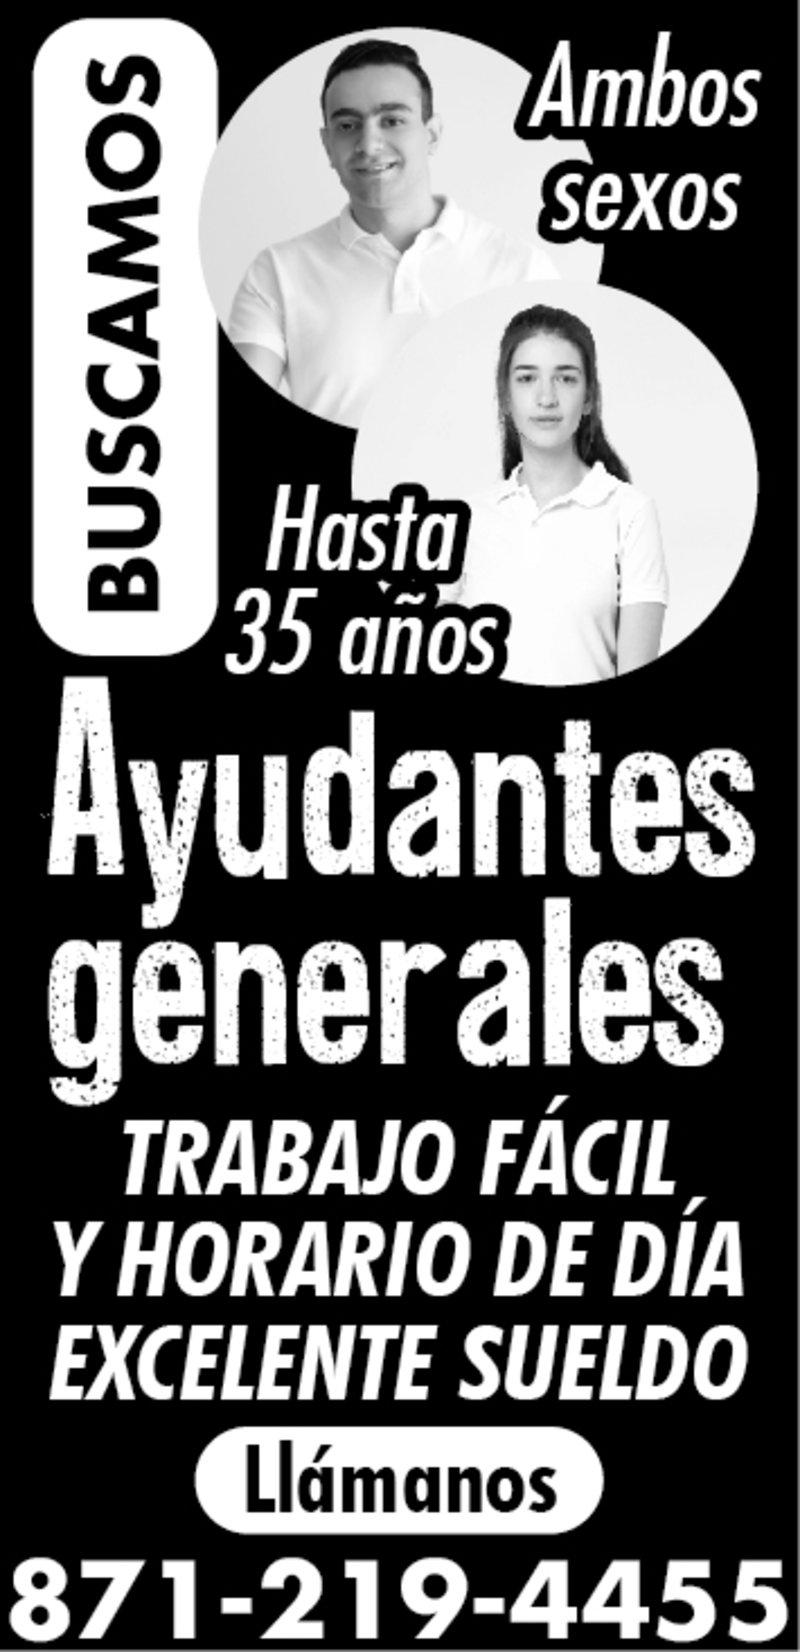 BUSCAMOS AYUDANTE GENERALES